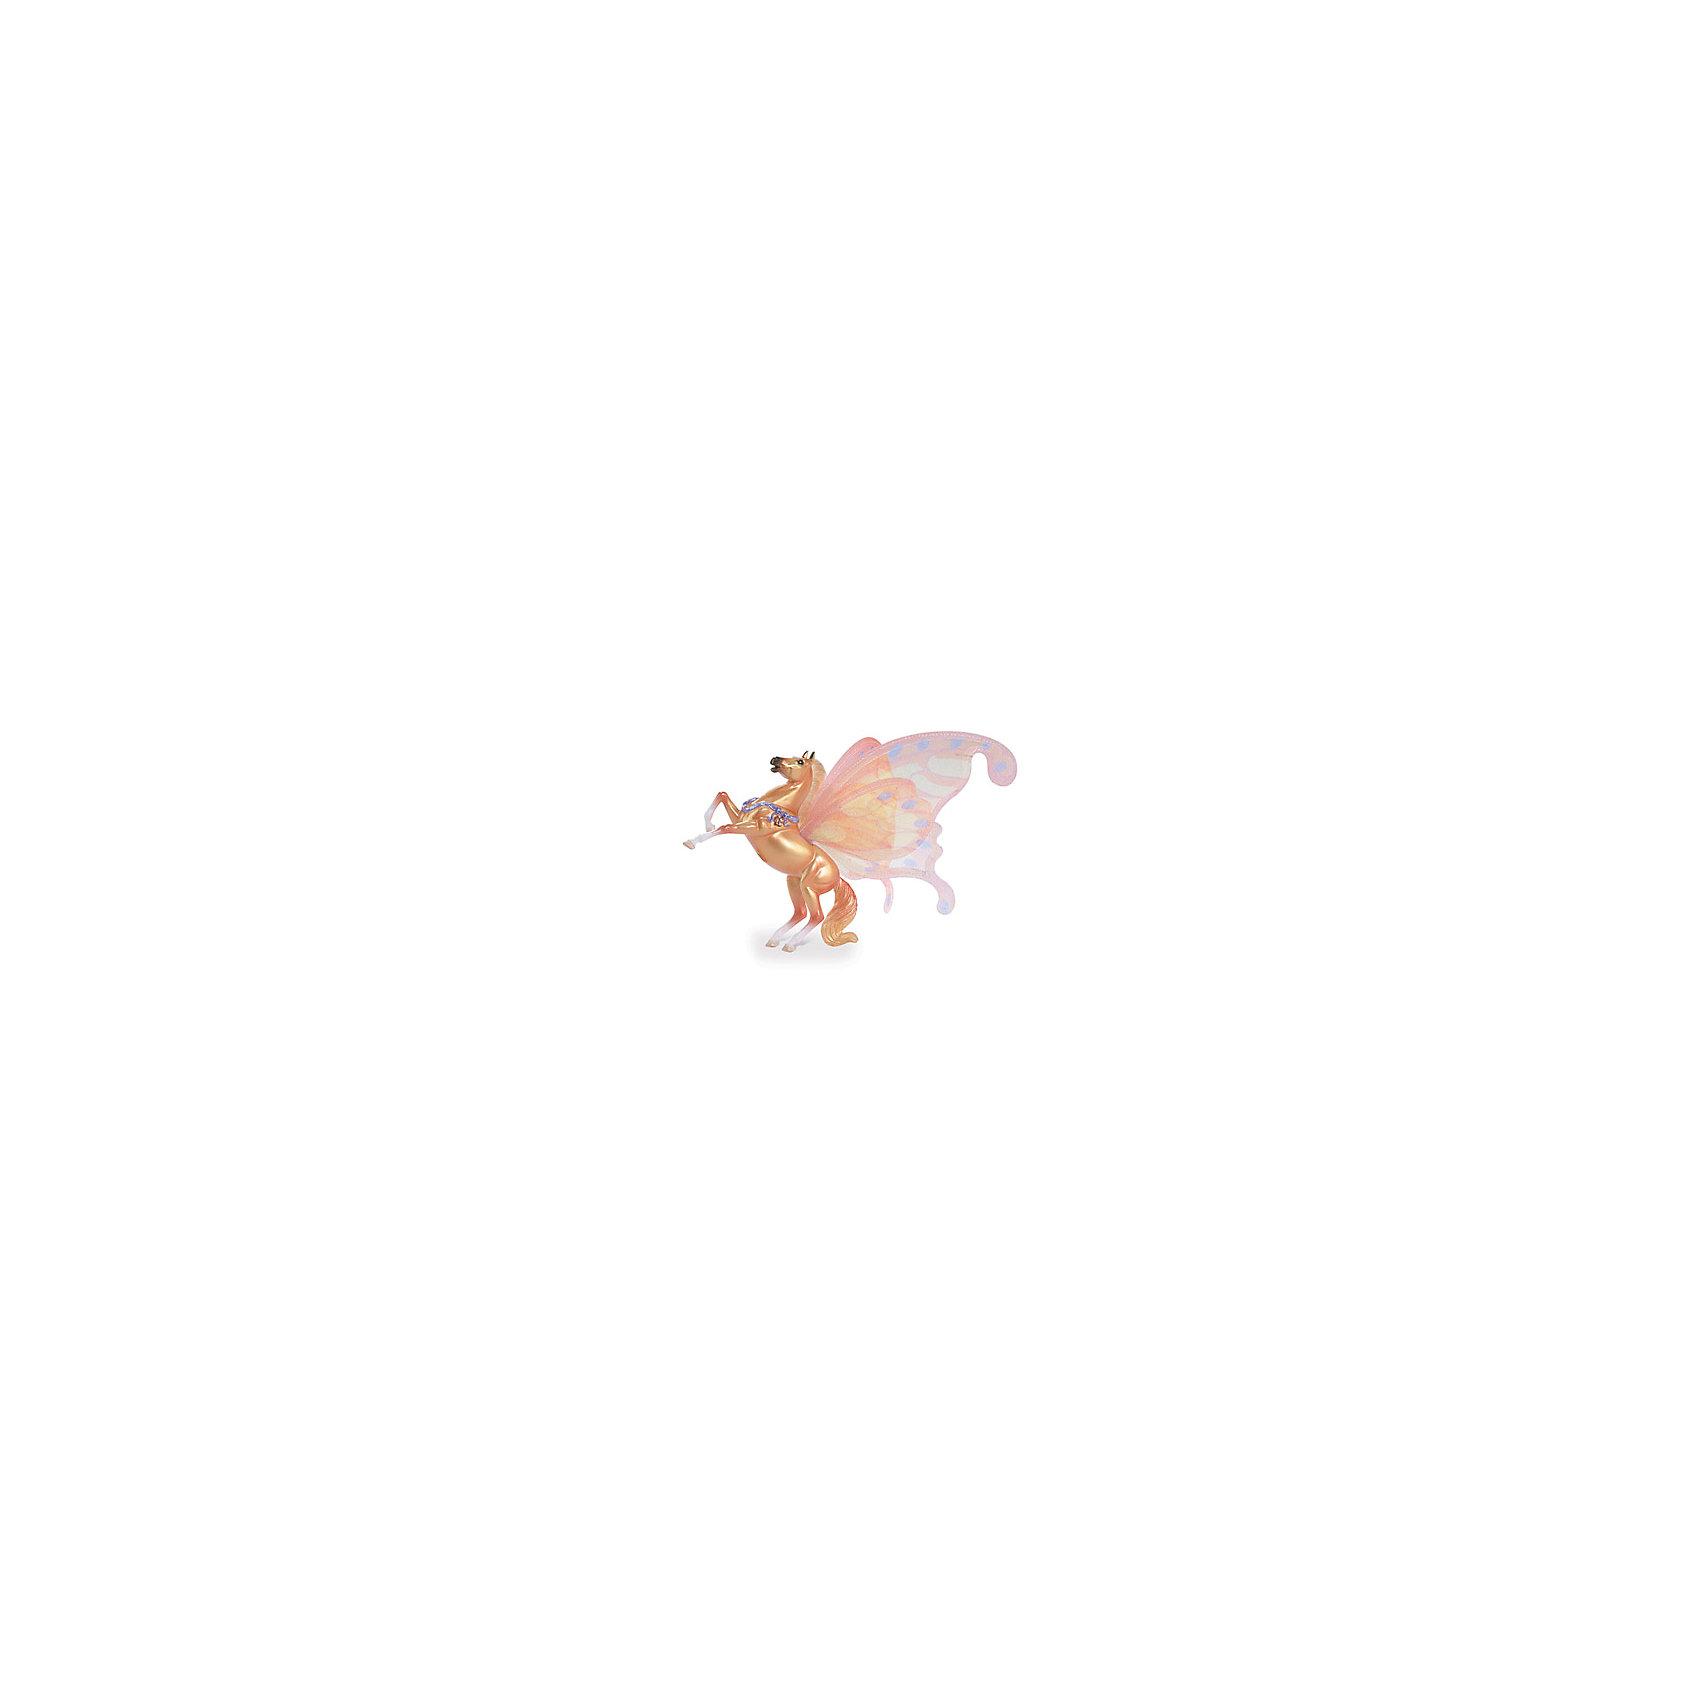 Лошадка с крыльями Сирокко, серия Танцы ветра, BreyerМир животных<br>Лошадка с крыльями Сирокко, серия Танцы ветра, Breyer, станет отличным подарком для всех любителей этих грациозных животных. Очаровательный жеребенок Сирокко - звезда четвертой книги Танцы Ветра из целой серии книг, изданных международным книжным издательством Macmillan Publishers. Фигурка поразит Вас тщательной проработкой всех деталей и реалистичностью. У лошадки огненно-золотого цвета роскошные блестящие грива и хвост в тон туловища, копыта - белые. На спине Сирокко шелковые полупрозрачные крылья, выполненные в нежных желто-оранжевых тонах. Лошадку украшает магическая лента на груди. Сирокко любит скакать и вставать на дыбы, везде где он проскачет остается облако волшебных бабочек. <br><br>Лошадки, созданные мастерами компании Breyer (Бреер) являются самыми реалистичными копиями лошадей. Они отличаются точностью линий, тщательной проработкой мелких деталей и ручной росписью. Каждая лошадка особенная и не похожая на других, это настоящее произведение искусства, которое будет радовать не только детей, но и взрослых.<br><br>Дополнительная информация:<br><br>- Материал: пластик.<br>- Размер игрушки: 11,5 х 9 см.<br>- Размер упаковки: 19 х 4 х 27 см.<br>- Вес: 0,3 кг.<br><br>Лошадку с крыльями Сирокко, серия Танцы ветра, Breyer, можно купить в нашем интернет-магазине.<br><br>Ширина мм: 190<br>Глубина мм: 40<br>Высота мм: 270<br>Вес г: 300<br>Возраст от месяцев: 36<br>Возраст до месяцев: 1188<br>Пол: Унисекс<br>Возраст: Детский<br>SKU: 4552539